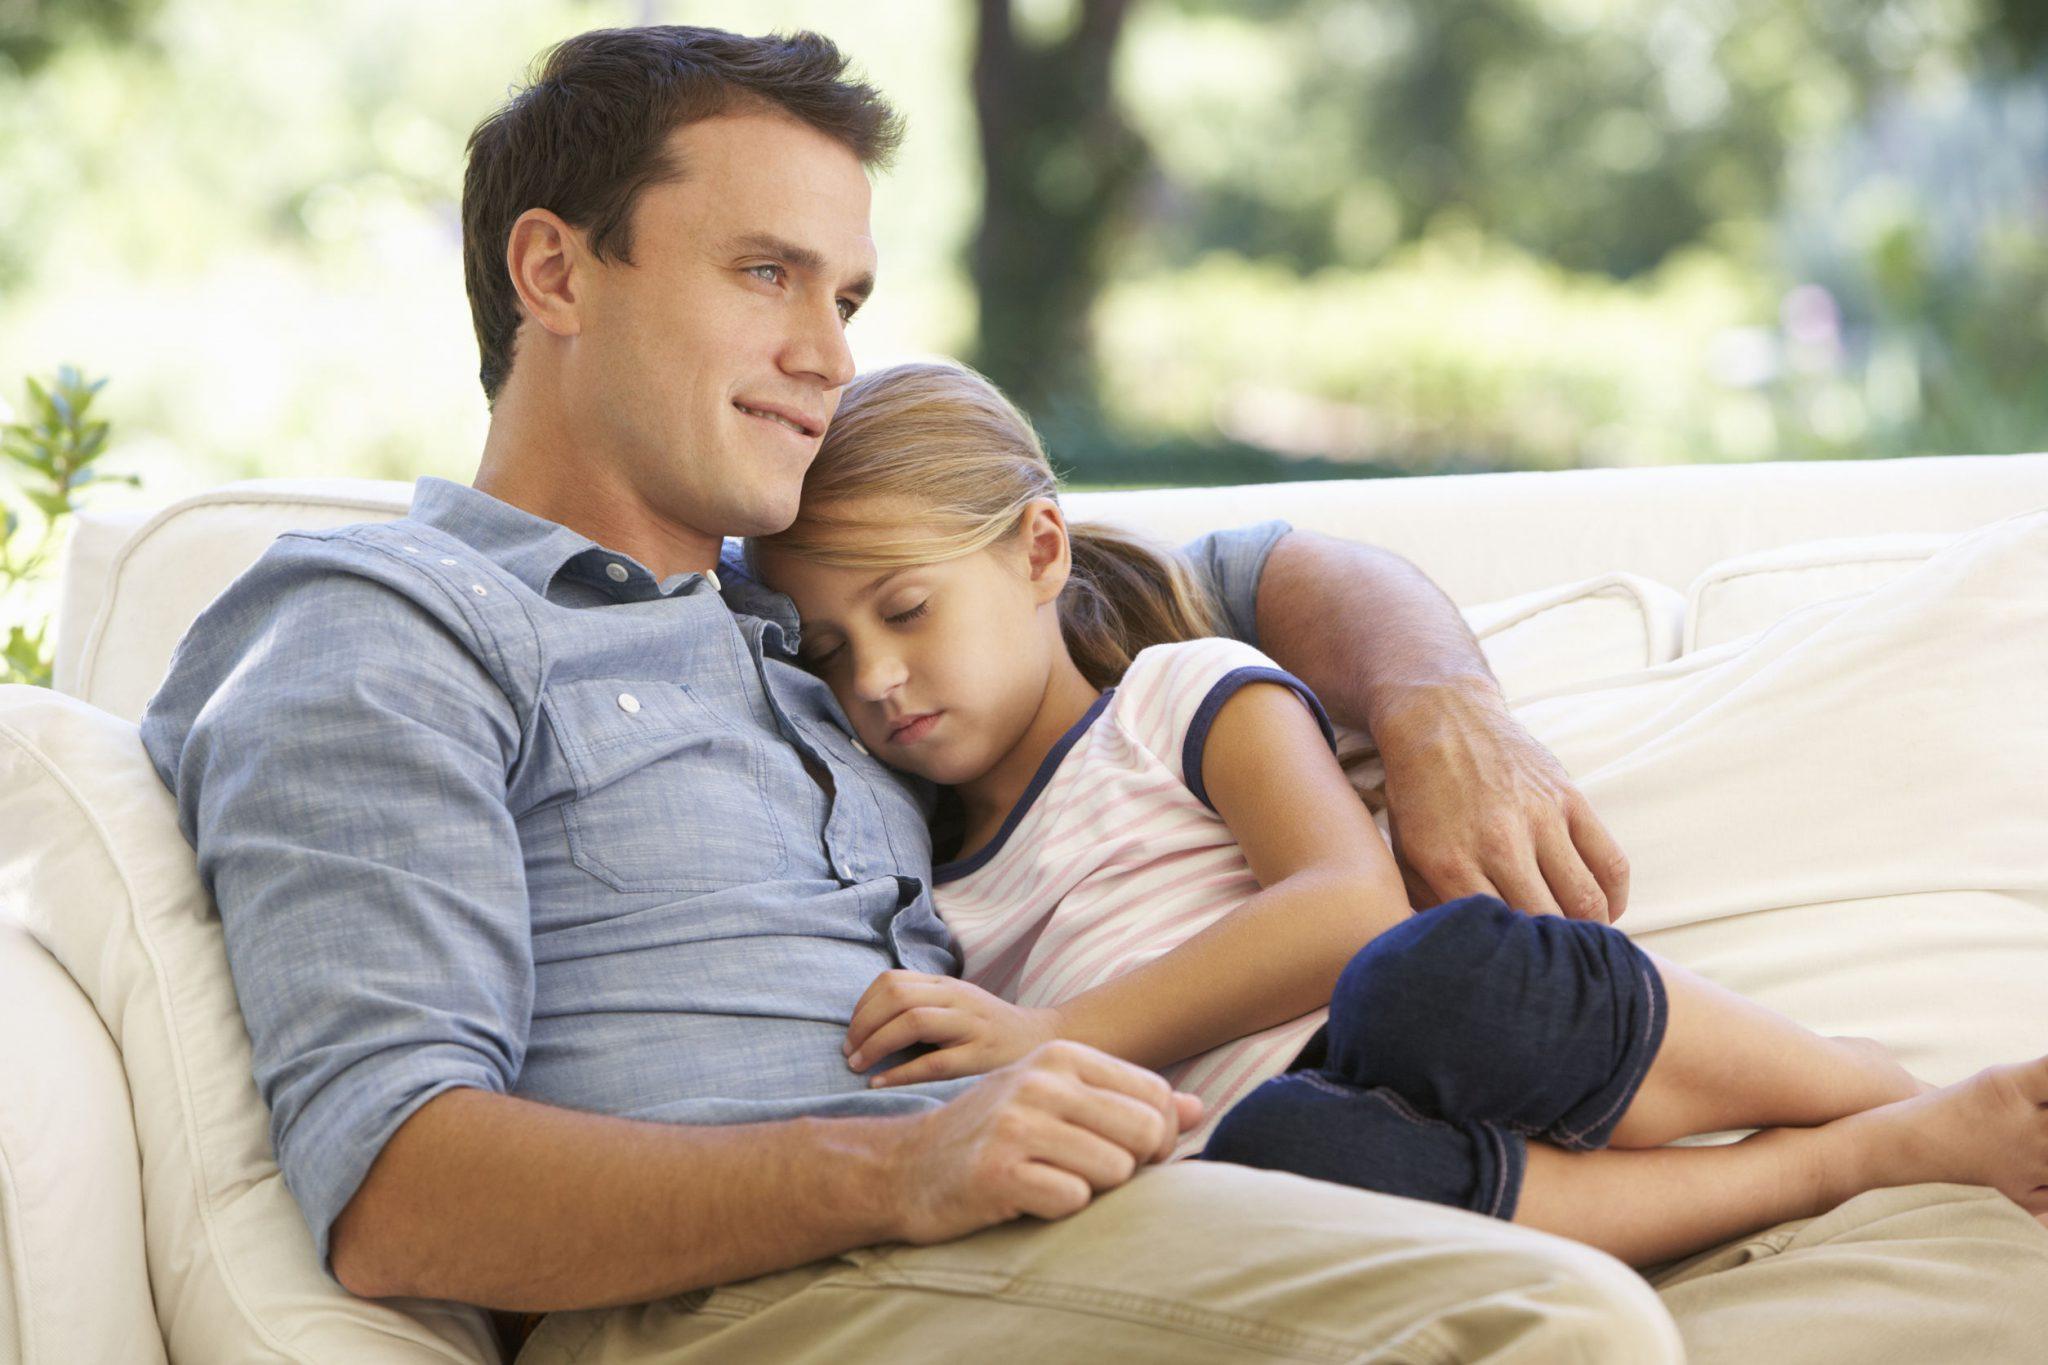 Foto com fundo desfocado de natureza. O jovem pai sorridente, sentado em um sofá branco, aconchega com o braço direito a filha de aproximadamente 7 anos, adormecida, encostada no peito paterno. Os dois são loiros e usam roupas informais de passeio.